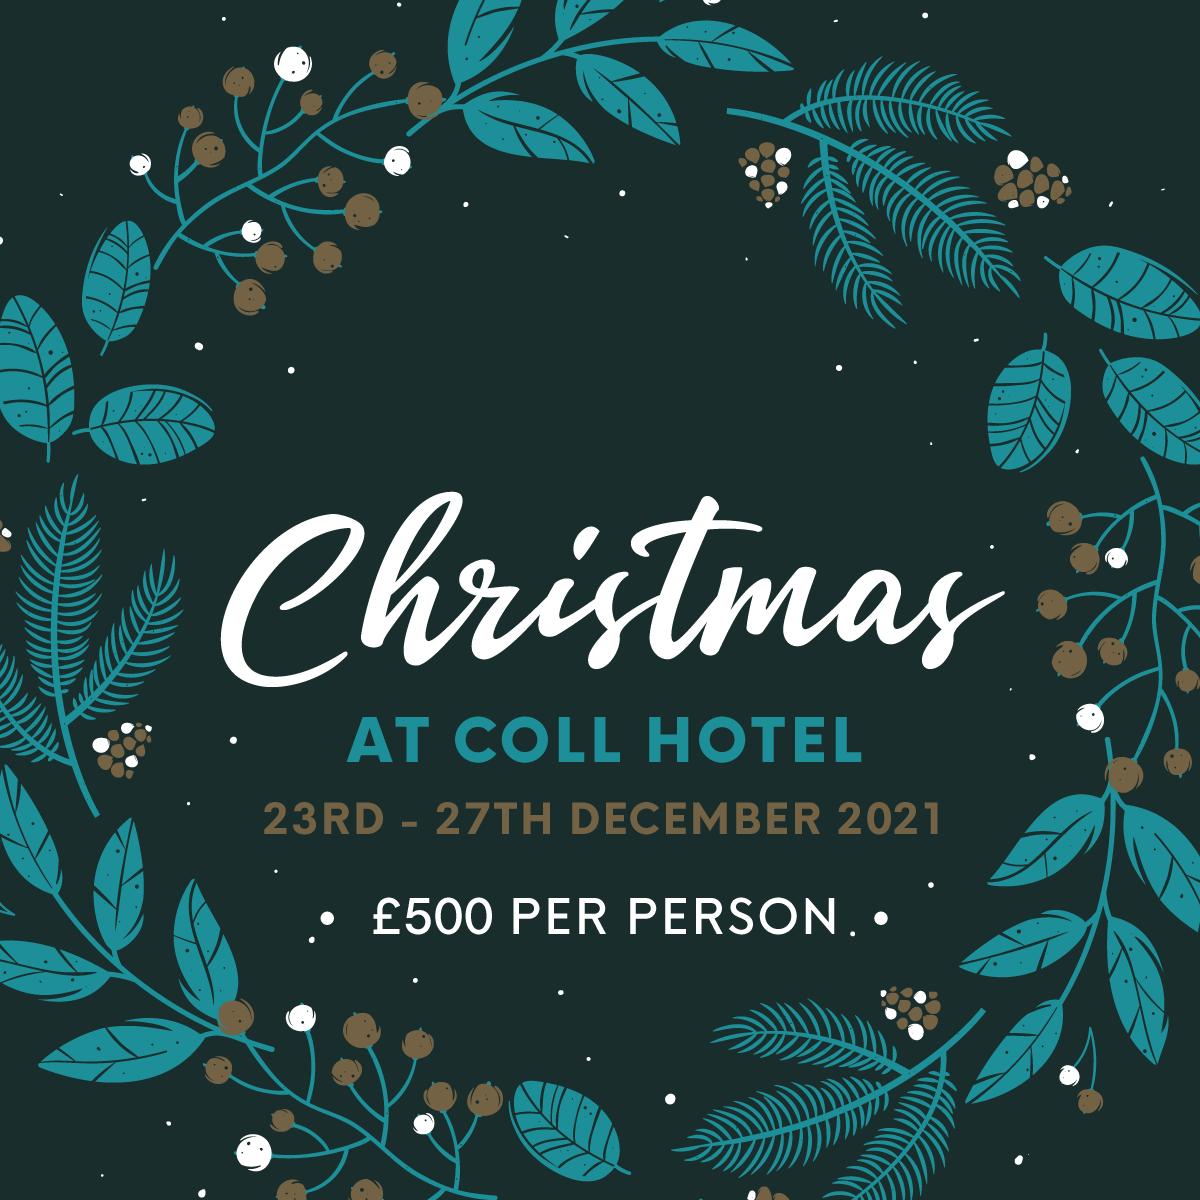 Coll Hotel Christmas